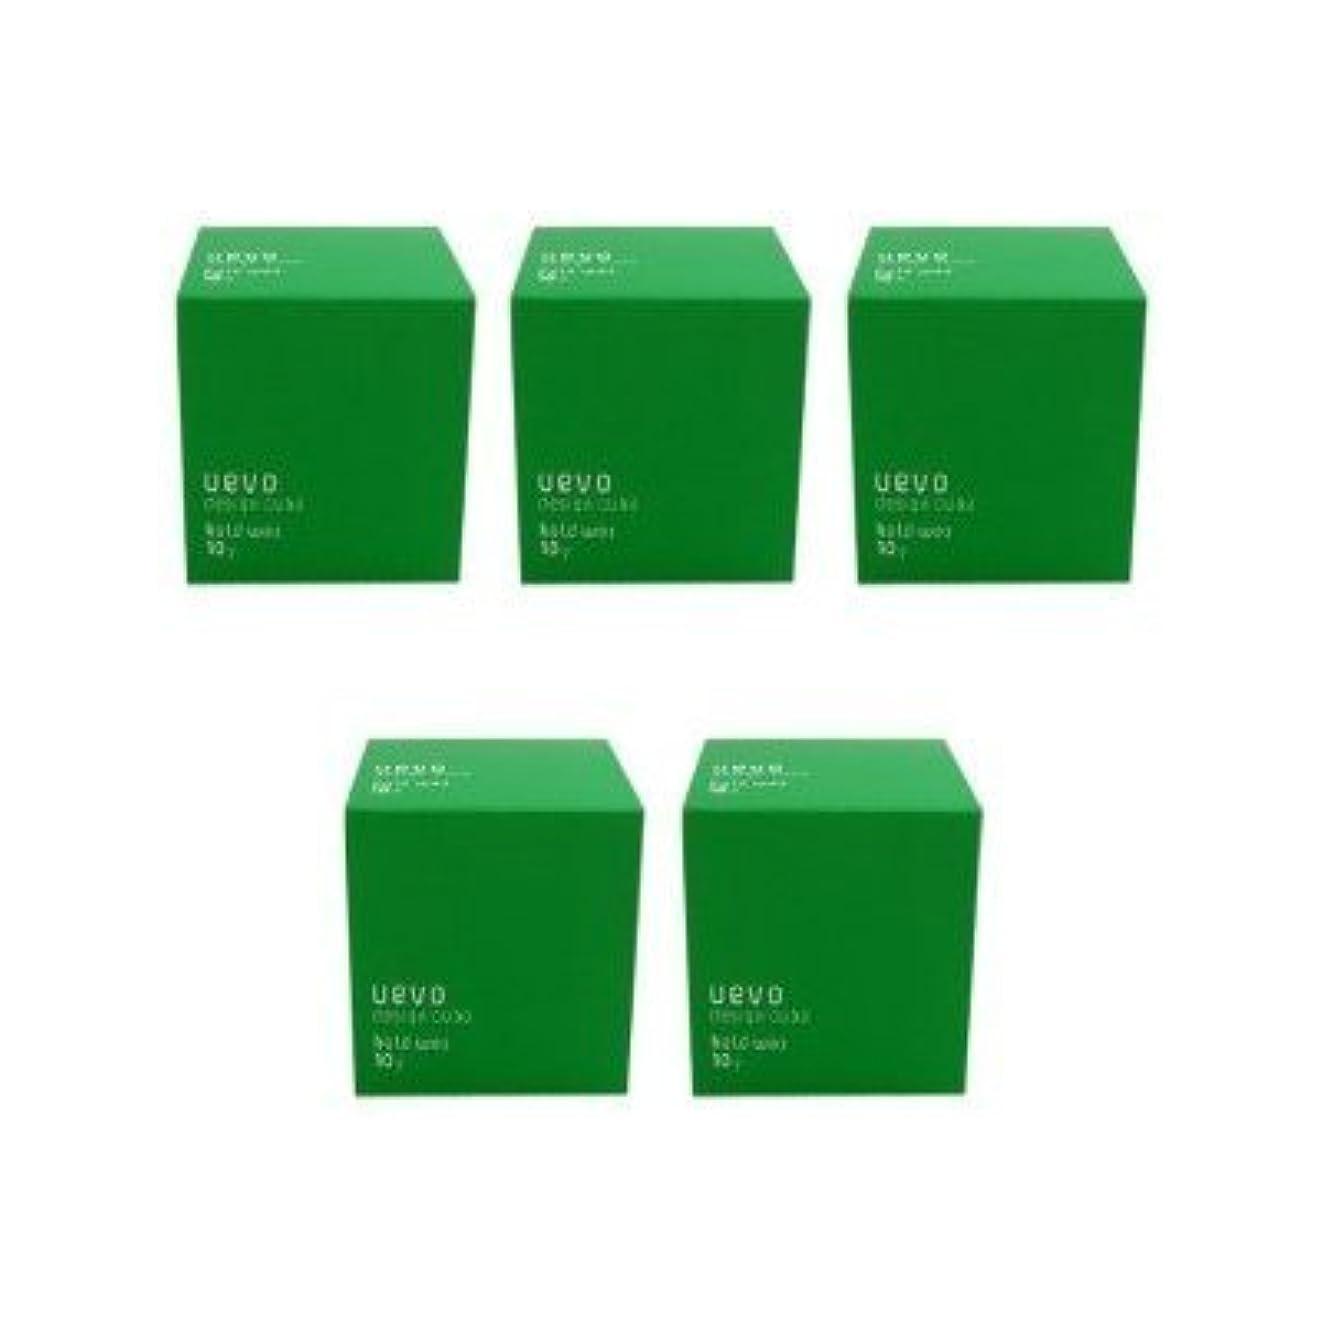 生き残り神経障害クック【X5個セット】 デミ ウェーボ デザインキューブ ホールドワックス 80g hold wax DEMI uevo design cube